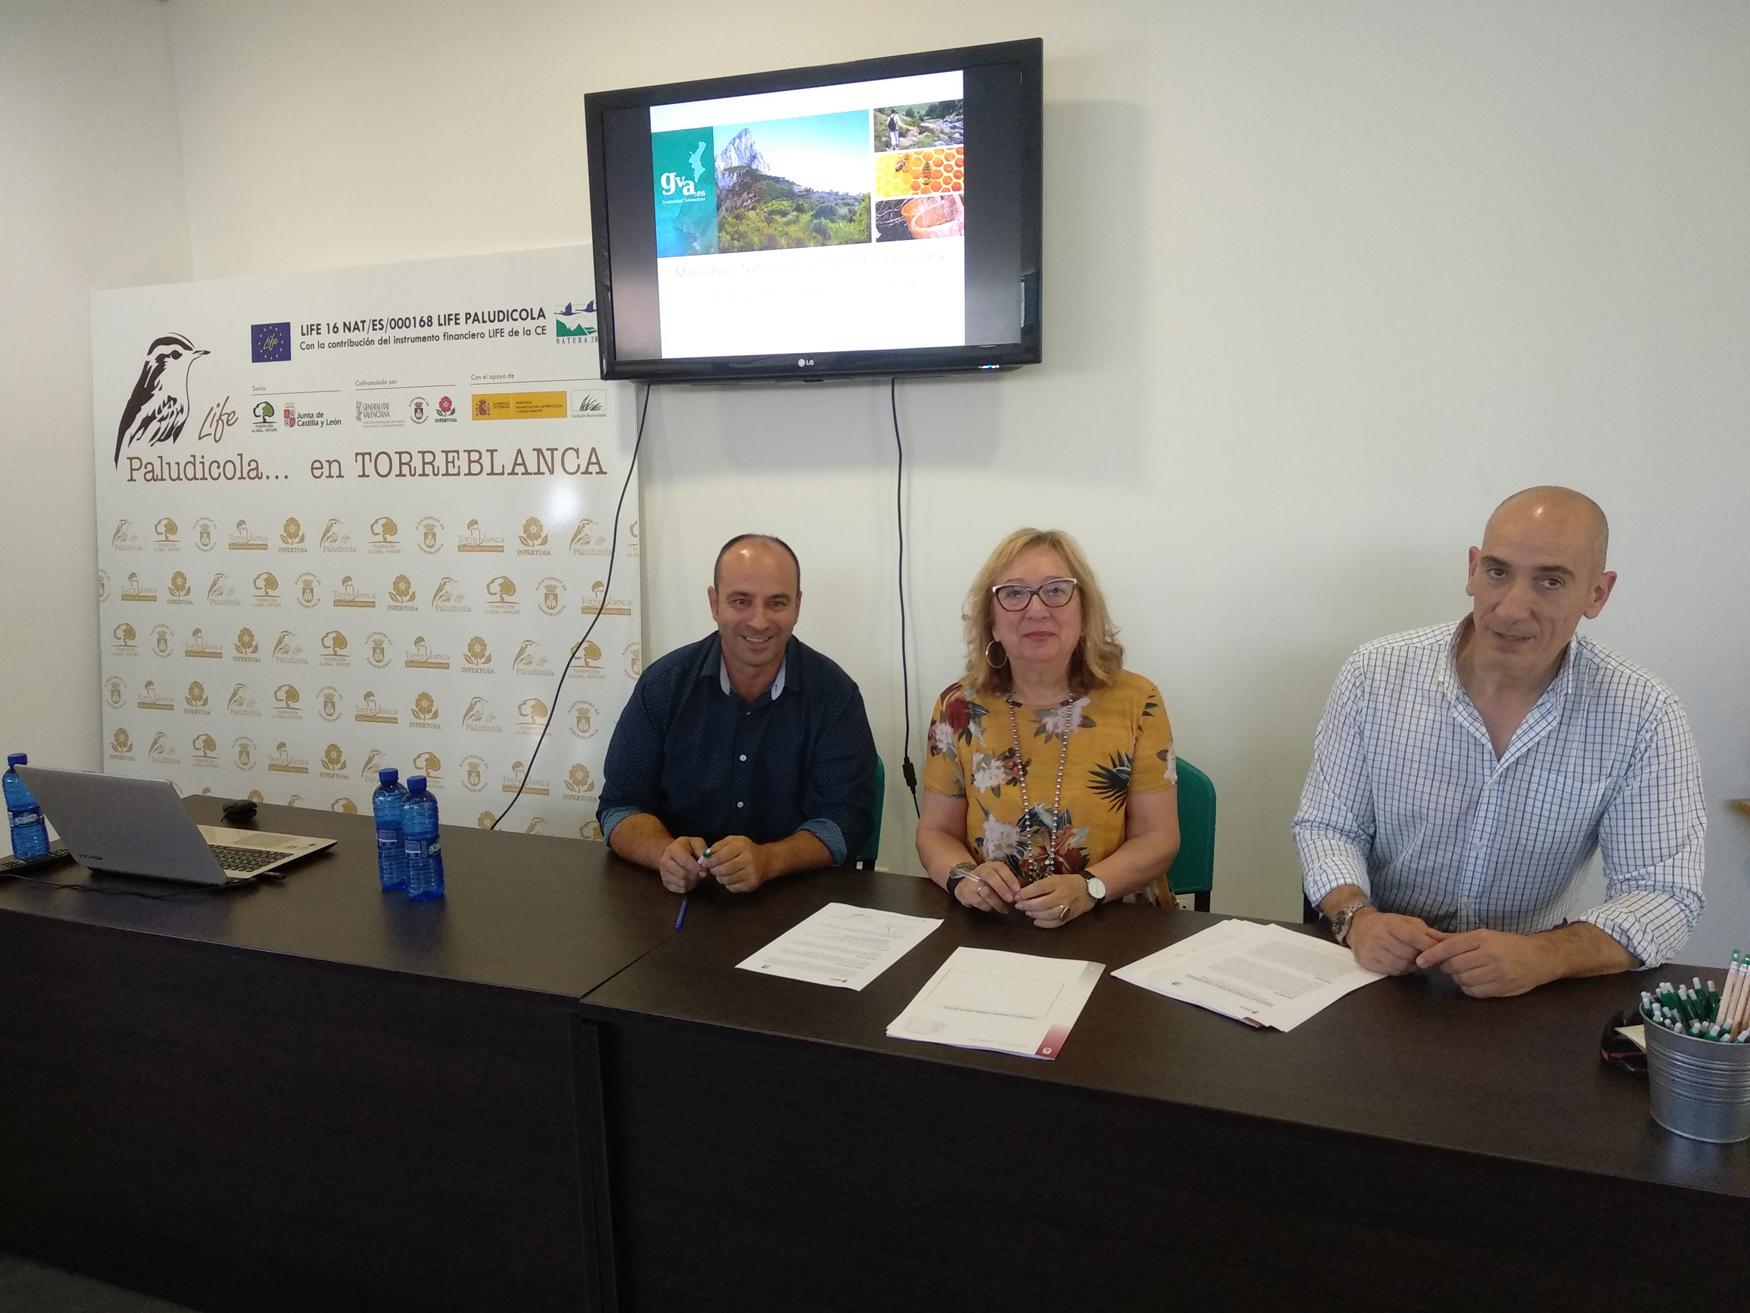 El Ayuntamiento de Torreblanca reafirma su compromiso medioambiental con unas jornadas agrícolas y la firma de un acuerdo de colaboración con la Fundación Global Nature